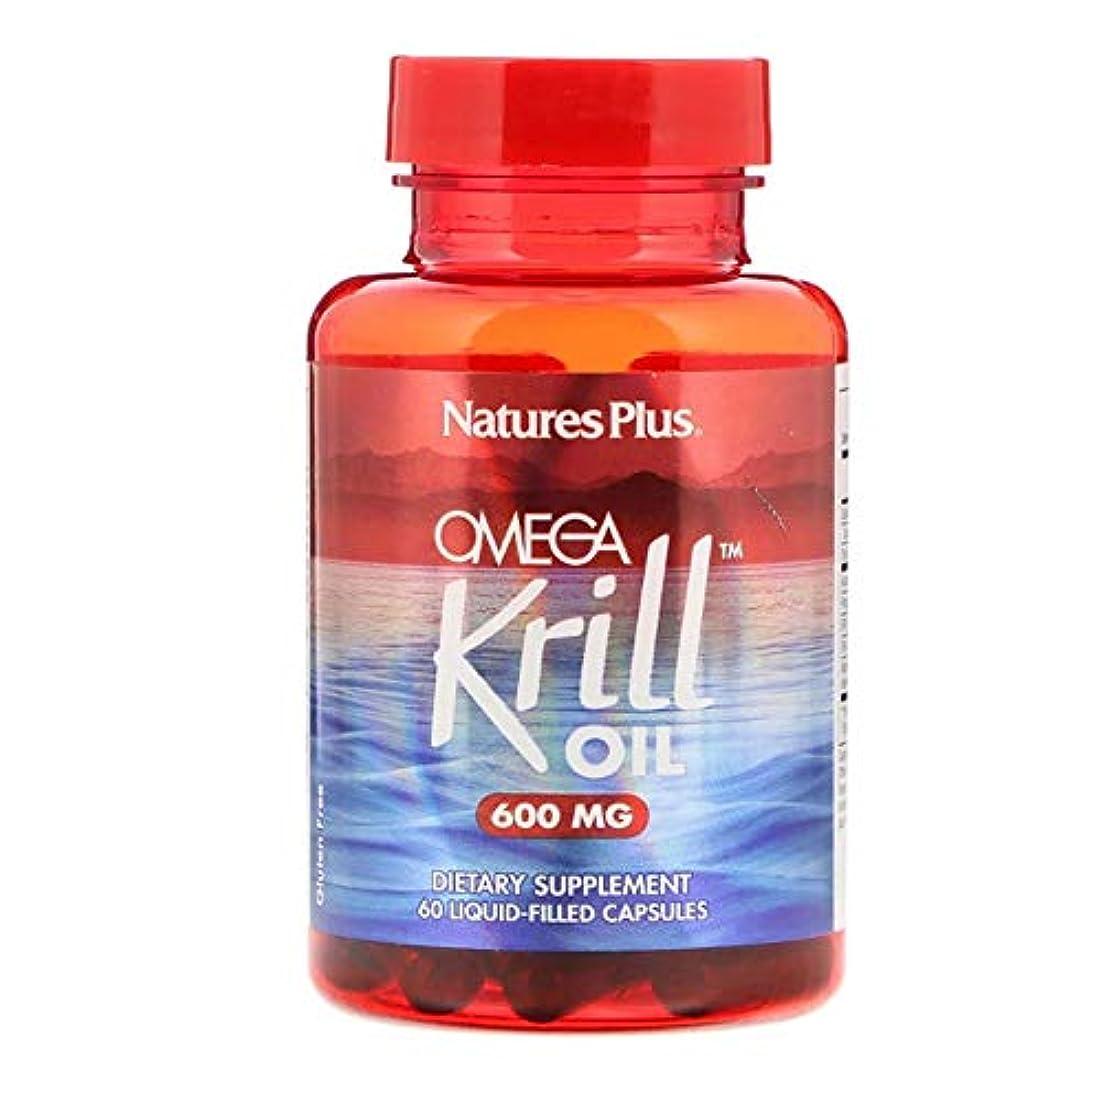 手順ハイブリッド不適当Nature's Plus オメガ クリルオイル 600 mg 60 液体カプセル 【アメリカ直送】